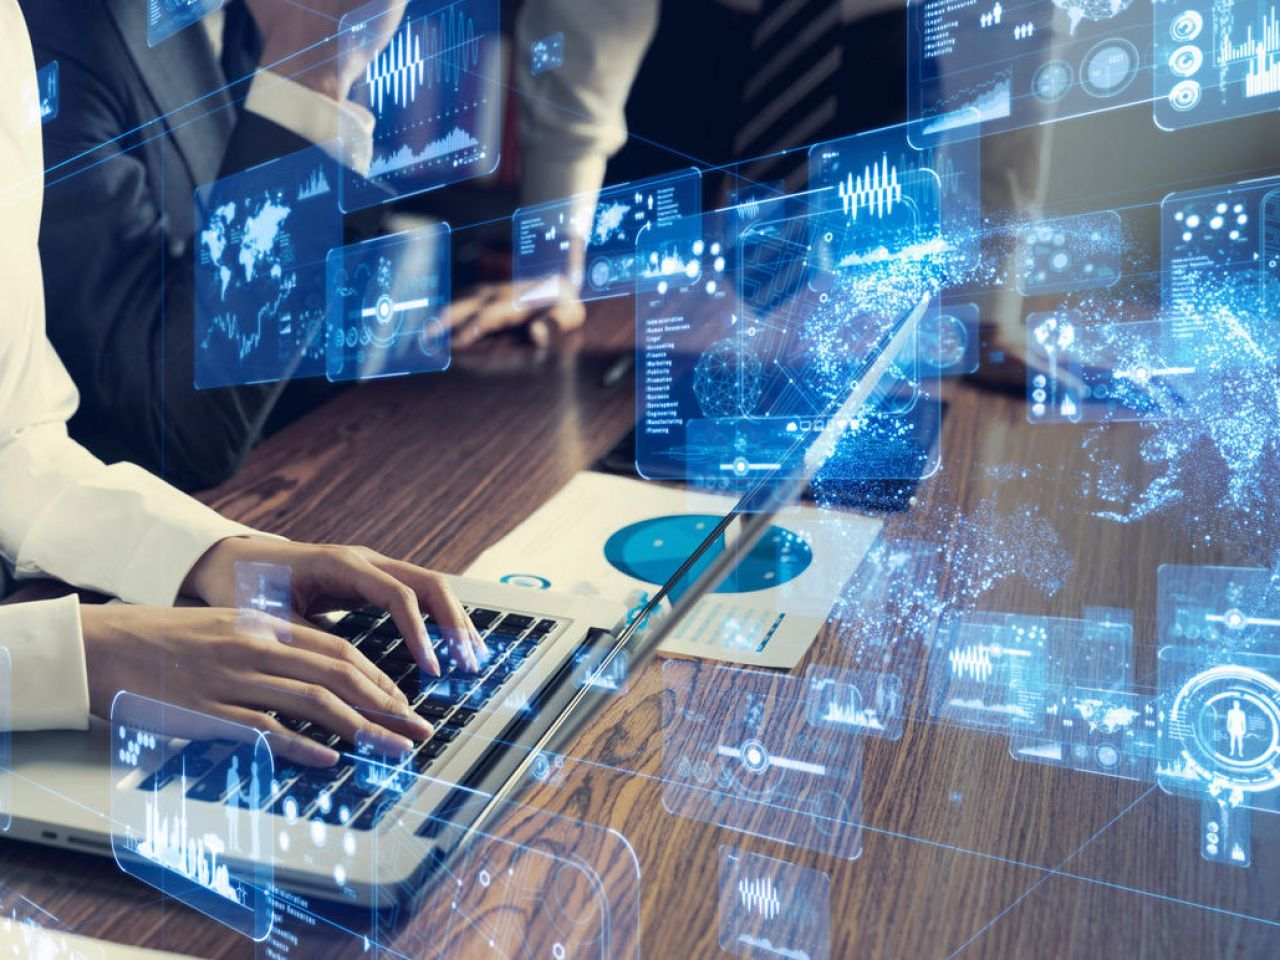 人のように文章を書くAI「GPT-3」をマイクロソフトにライセンス供与--イーロン・マスク氏出資のOpenAI - ZDNet Japan